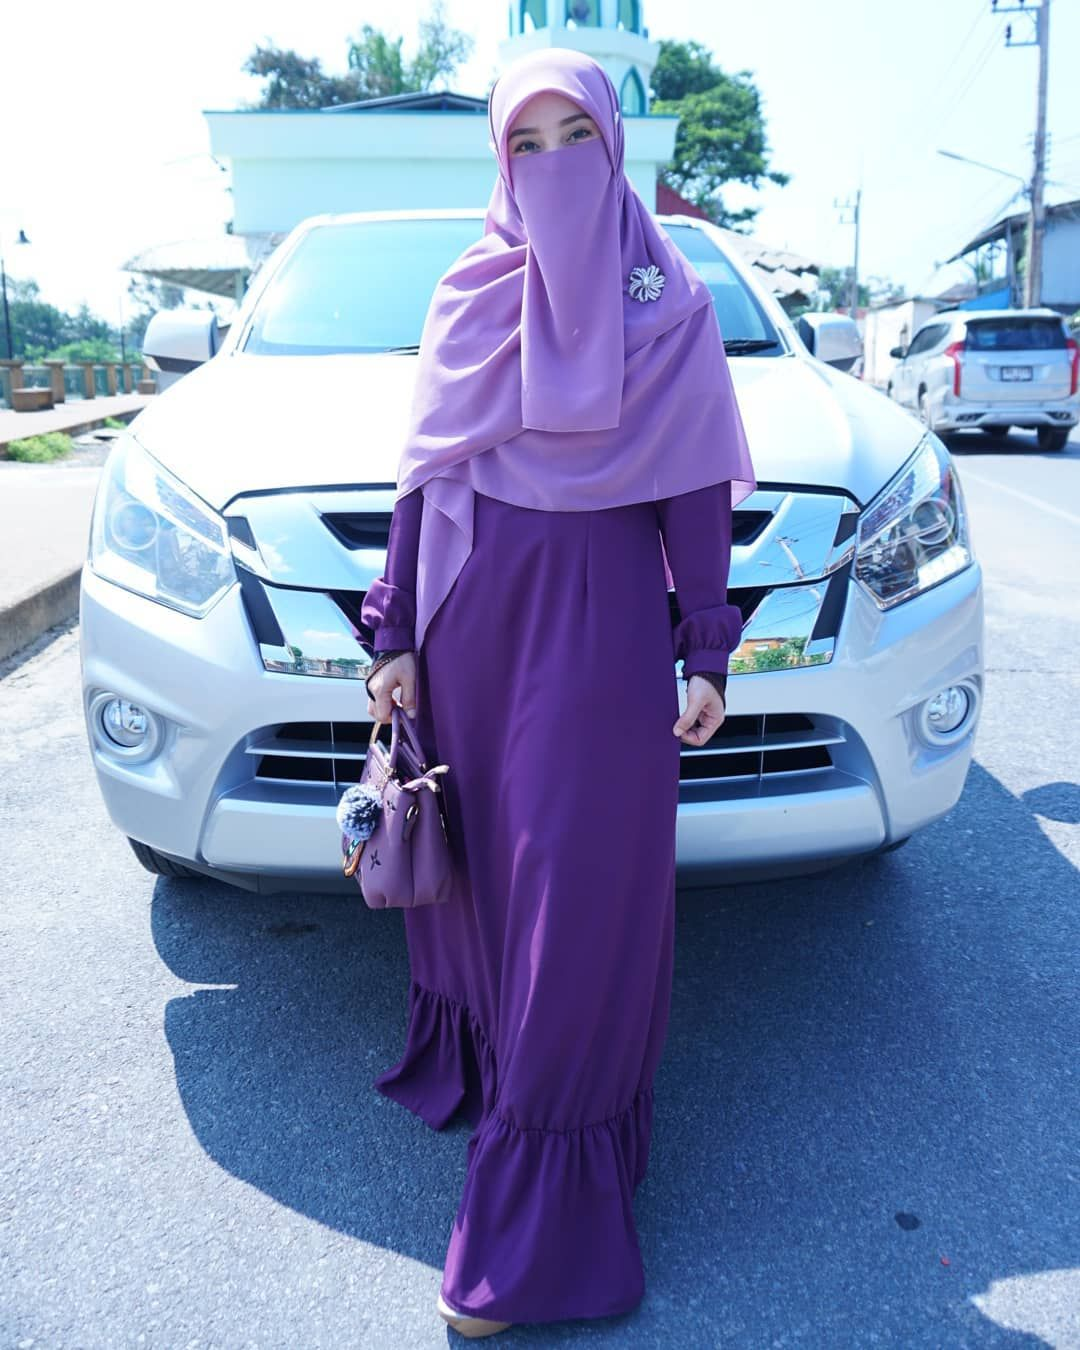 Gambar Mungkin Berisi 1 Orang Berdiri: Gambar Mungkin Berisi: 1 Orang, Berdiri, Mobil Dan Luar